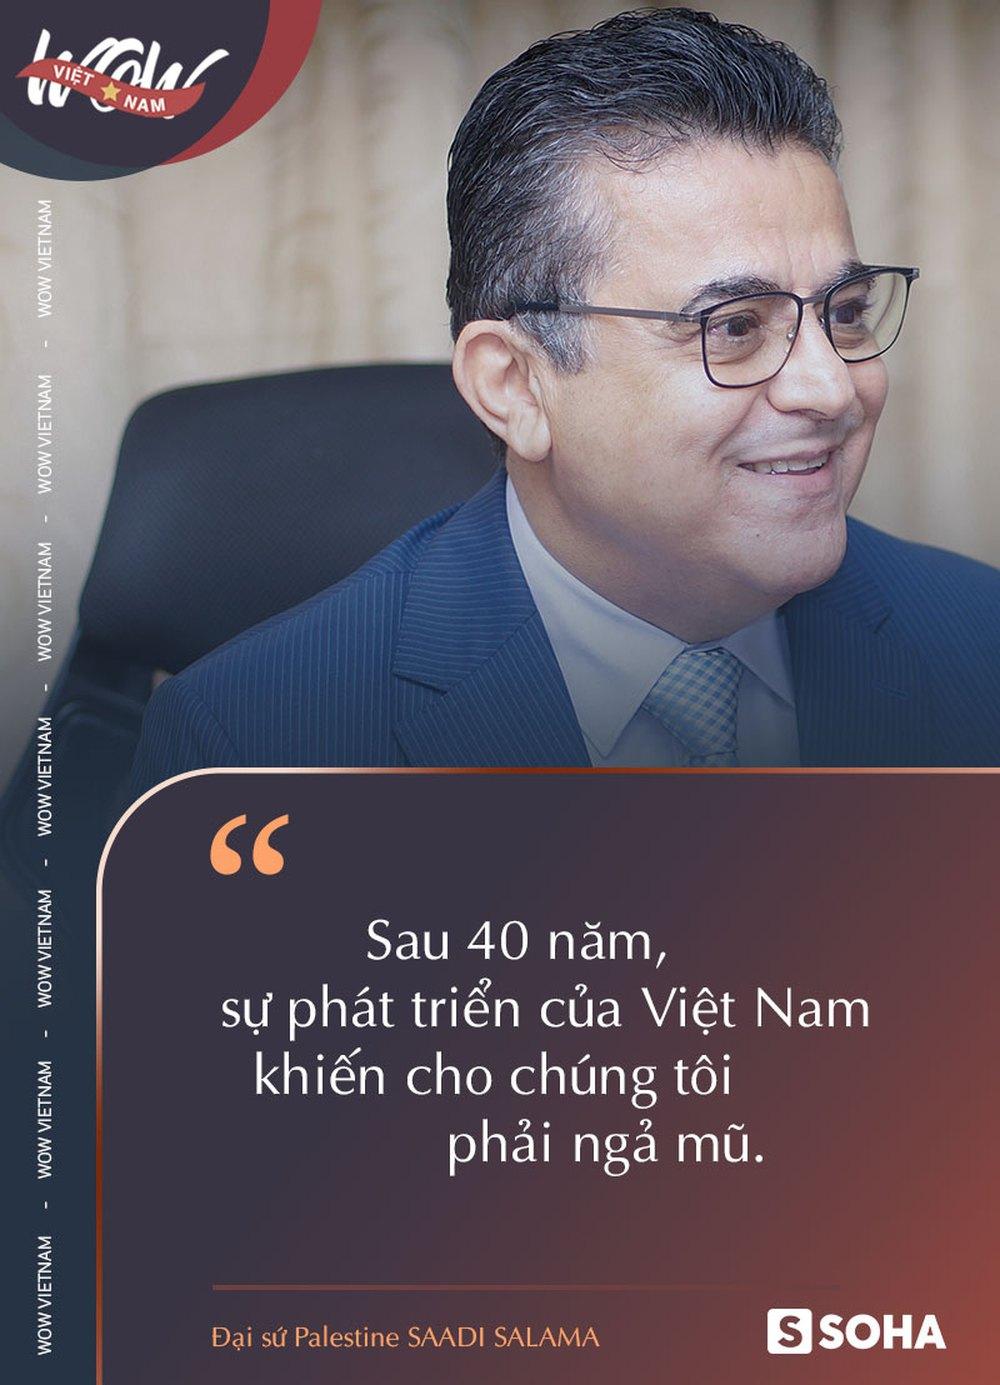 Đại sứ Palestine tại Việt Nam: Trời ơi, số phận nào đã đưa ta đến đây và 40 năm Việt Nam phát triển khiến chúng tôi phải ngả mũ - Ảnh 5.